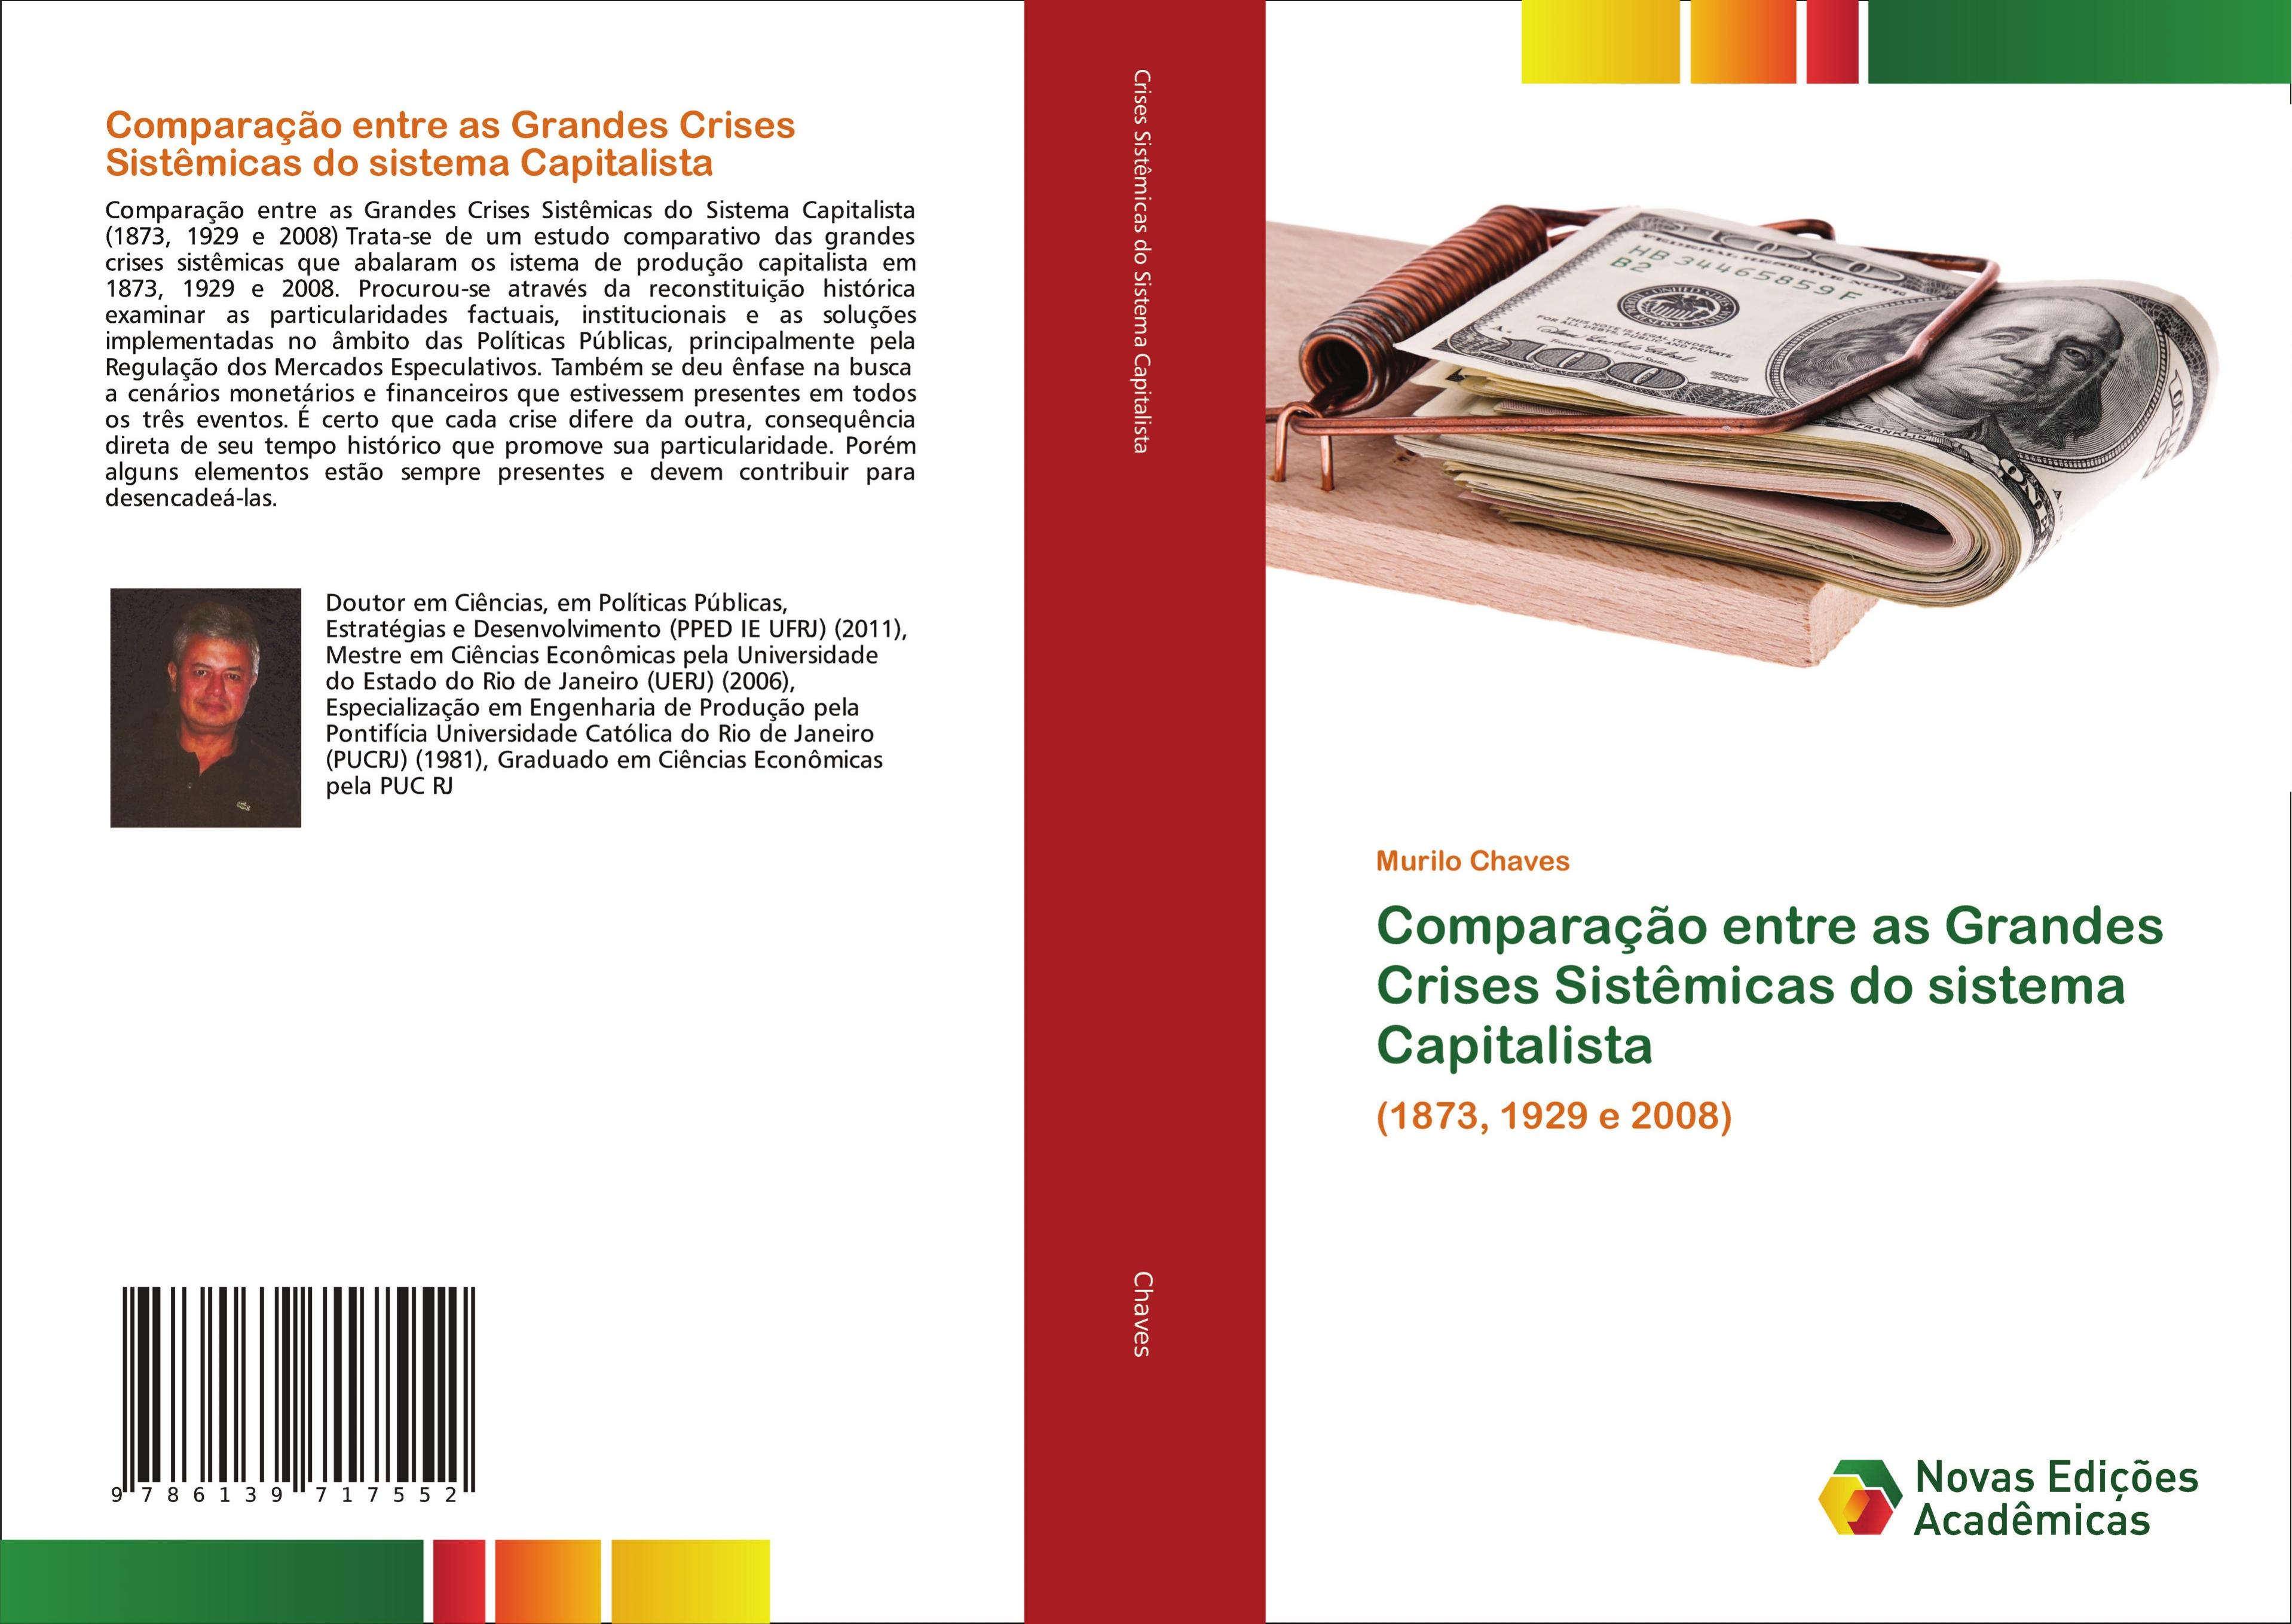 Comparação entre as Grandes Crises Sistêmicas do sistema Capitalista  (1873, 1929 e 2008)  Murilo Chaves  Taschenbuch  Paperback  Portugiesisch  2019 - Chaves, Murilo